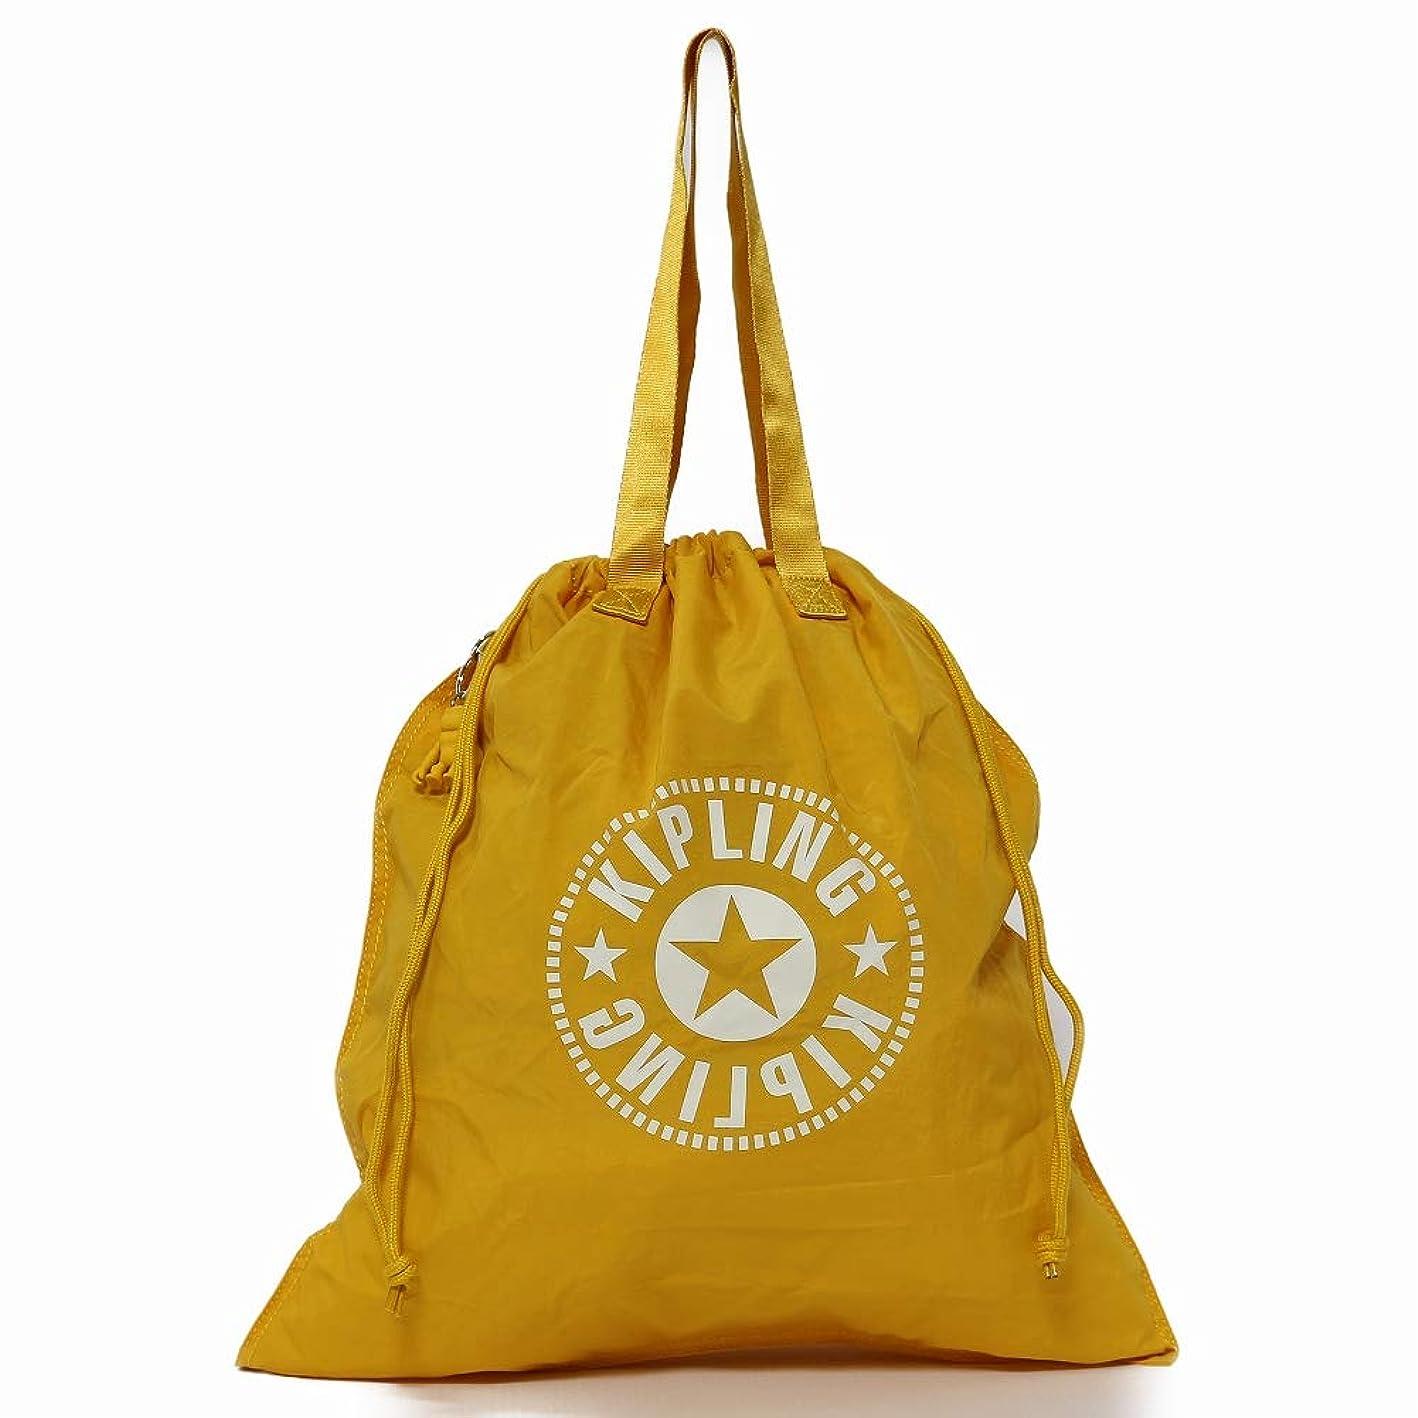 ラフ睡眠半球海上Kipling キプリング トートバッグ KI2635 NEW HIPHURRAY L FOLD 51K Lively Yellow [並行輸入品]